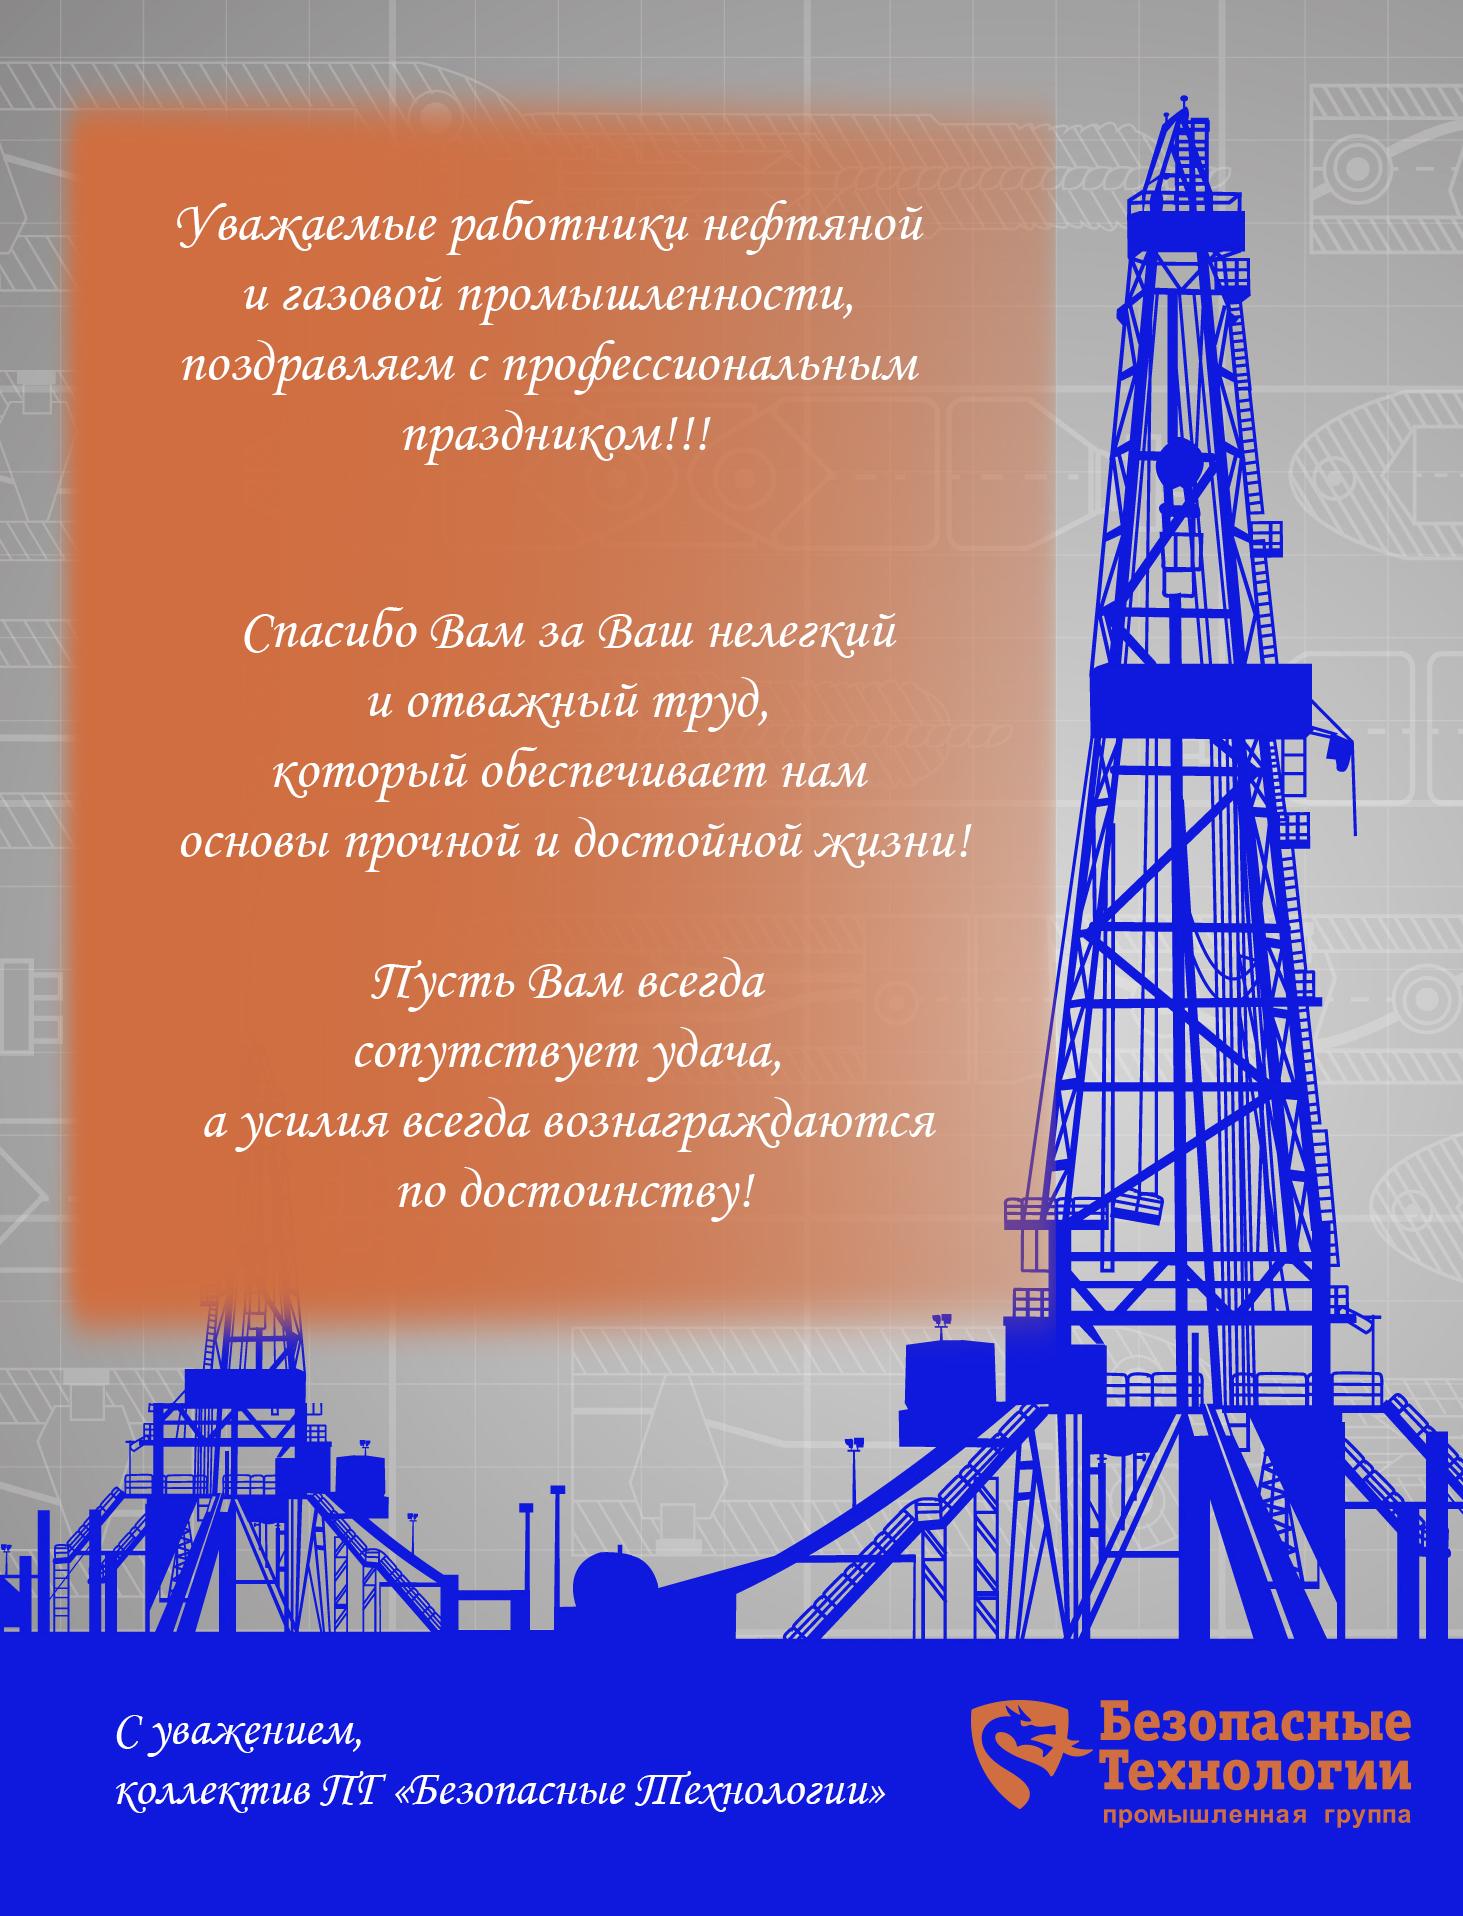 Поздравление с днем нефтяника партнерам